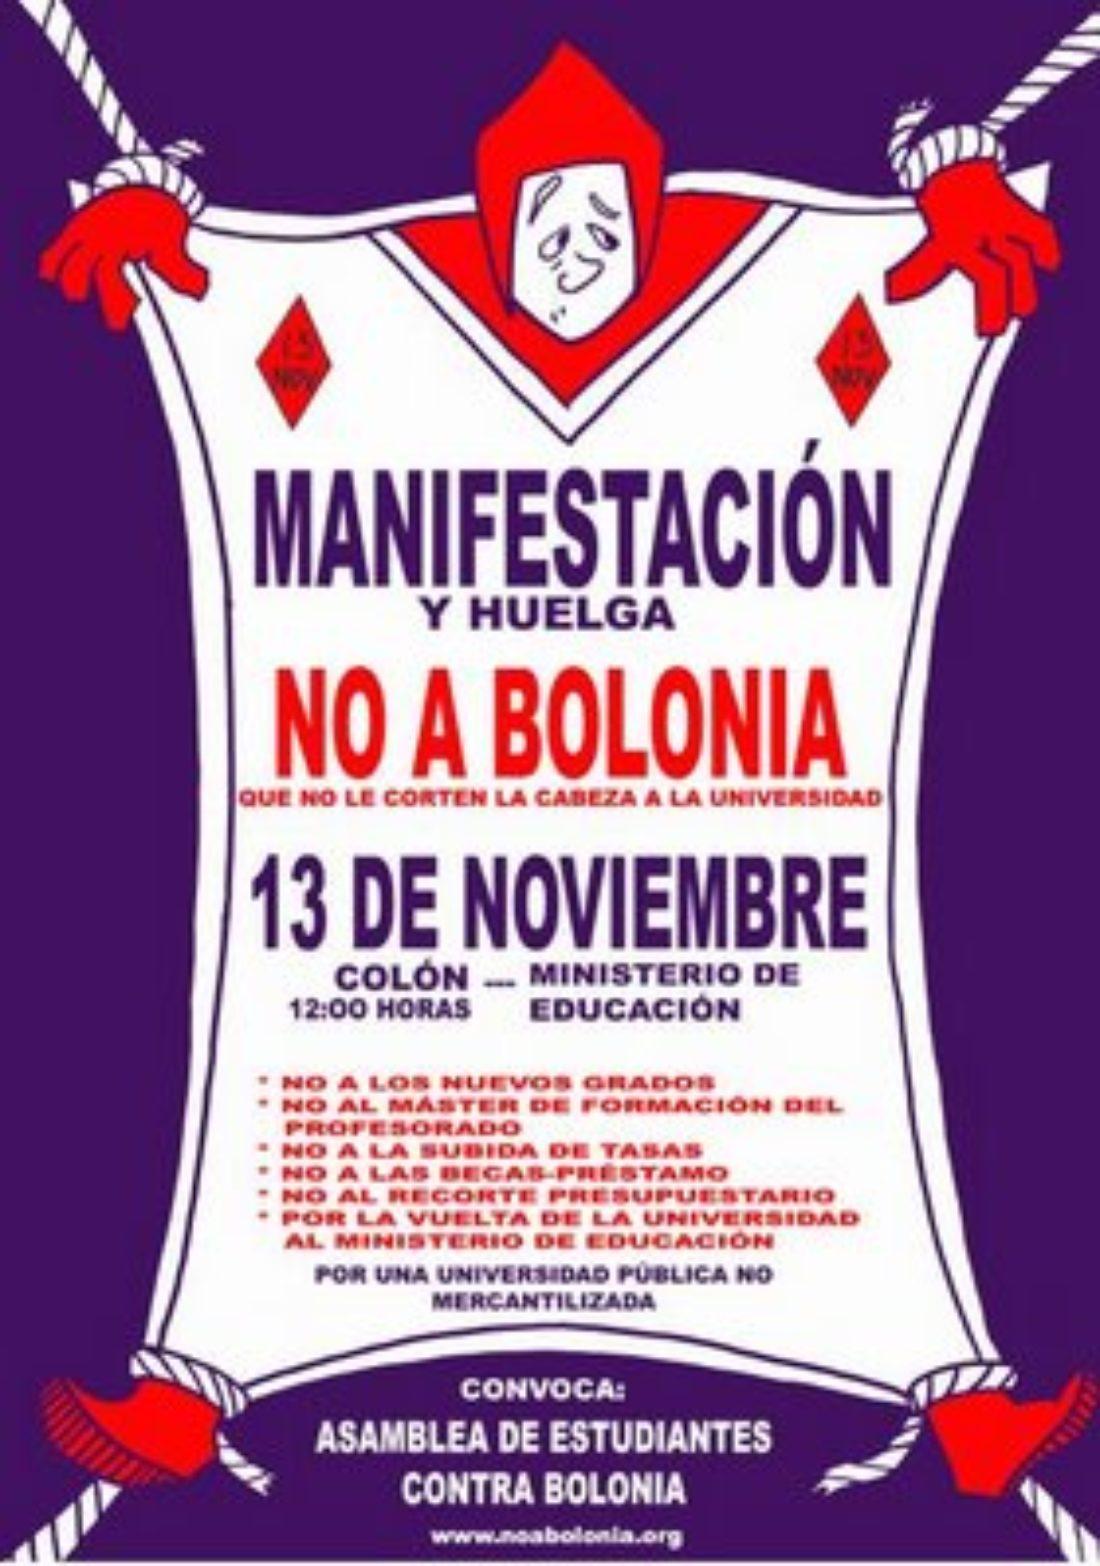 13-N: MANIFESTACIÓN Y HUELGA, NO A BOLONIA/jornadas de lucha 11,12,13-Nov en UAM